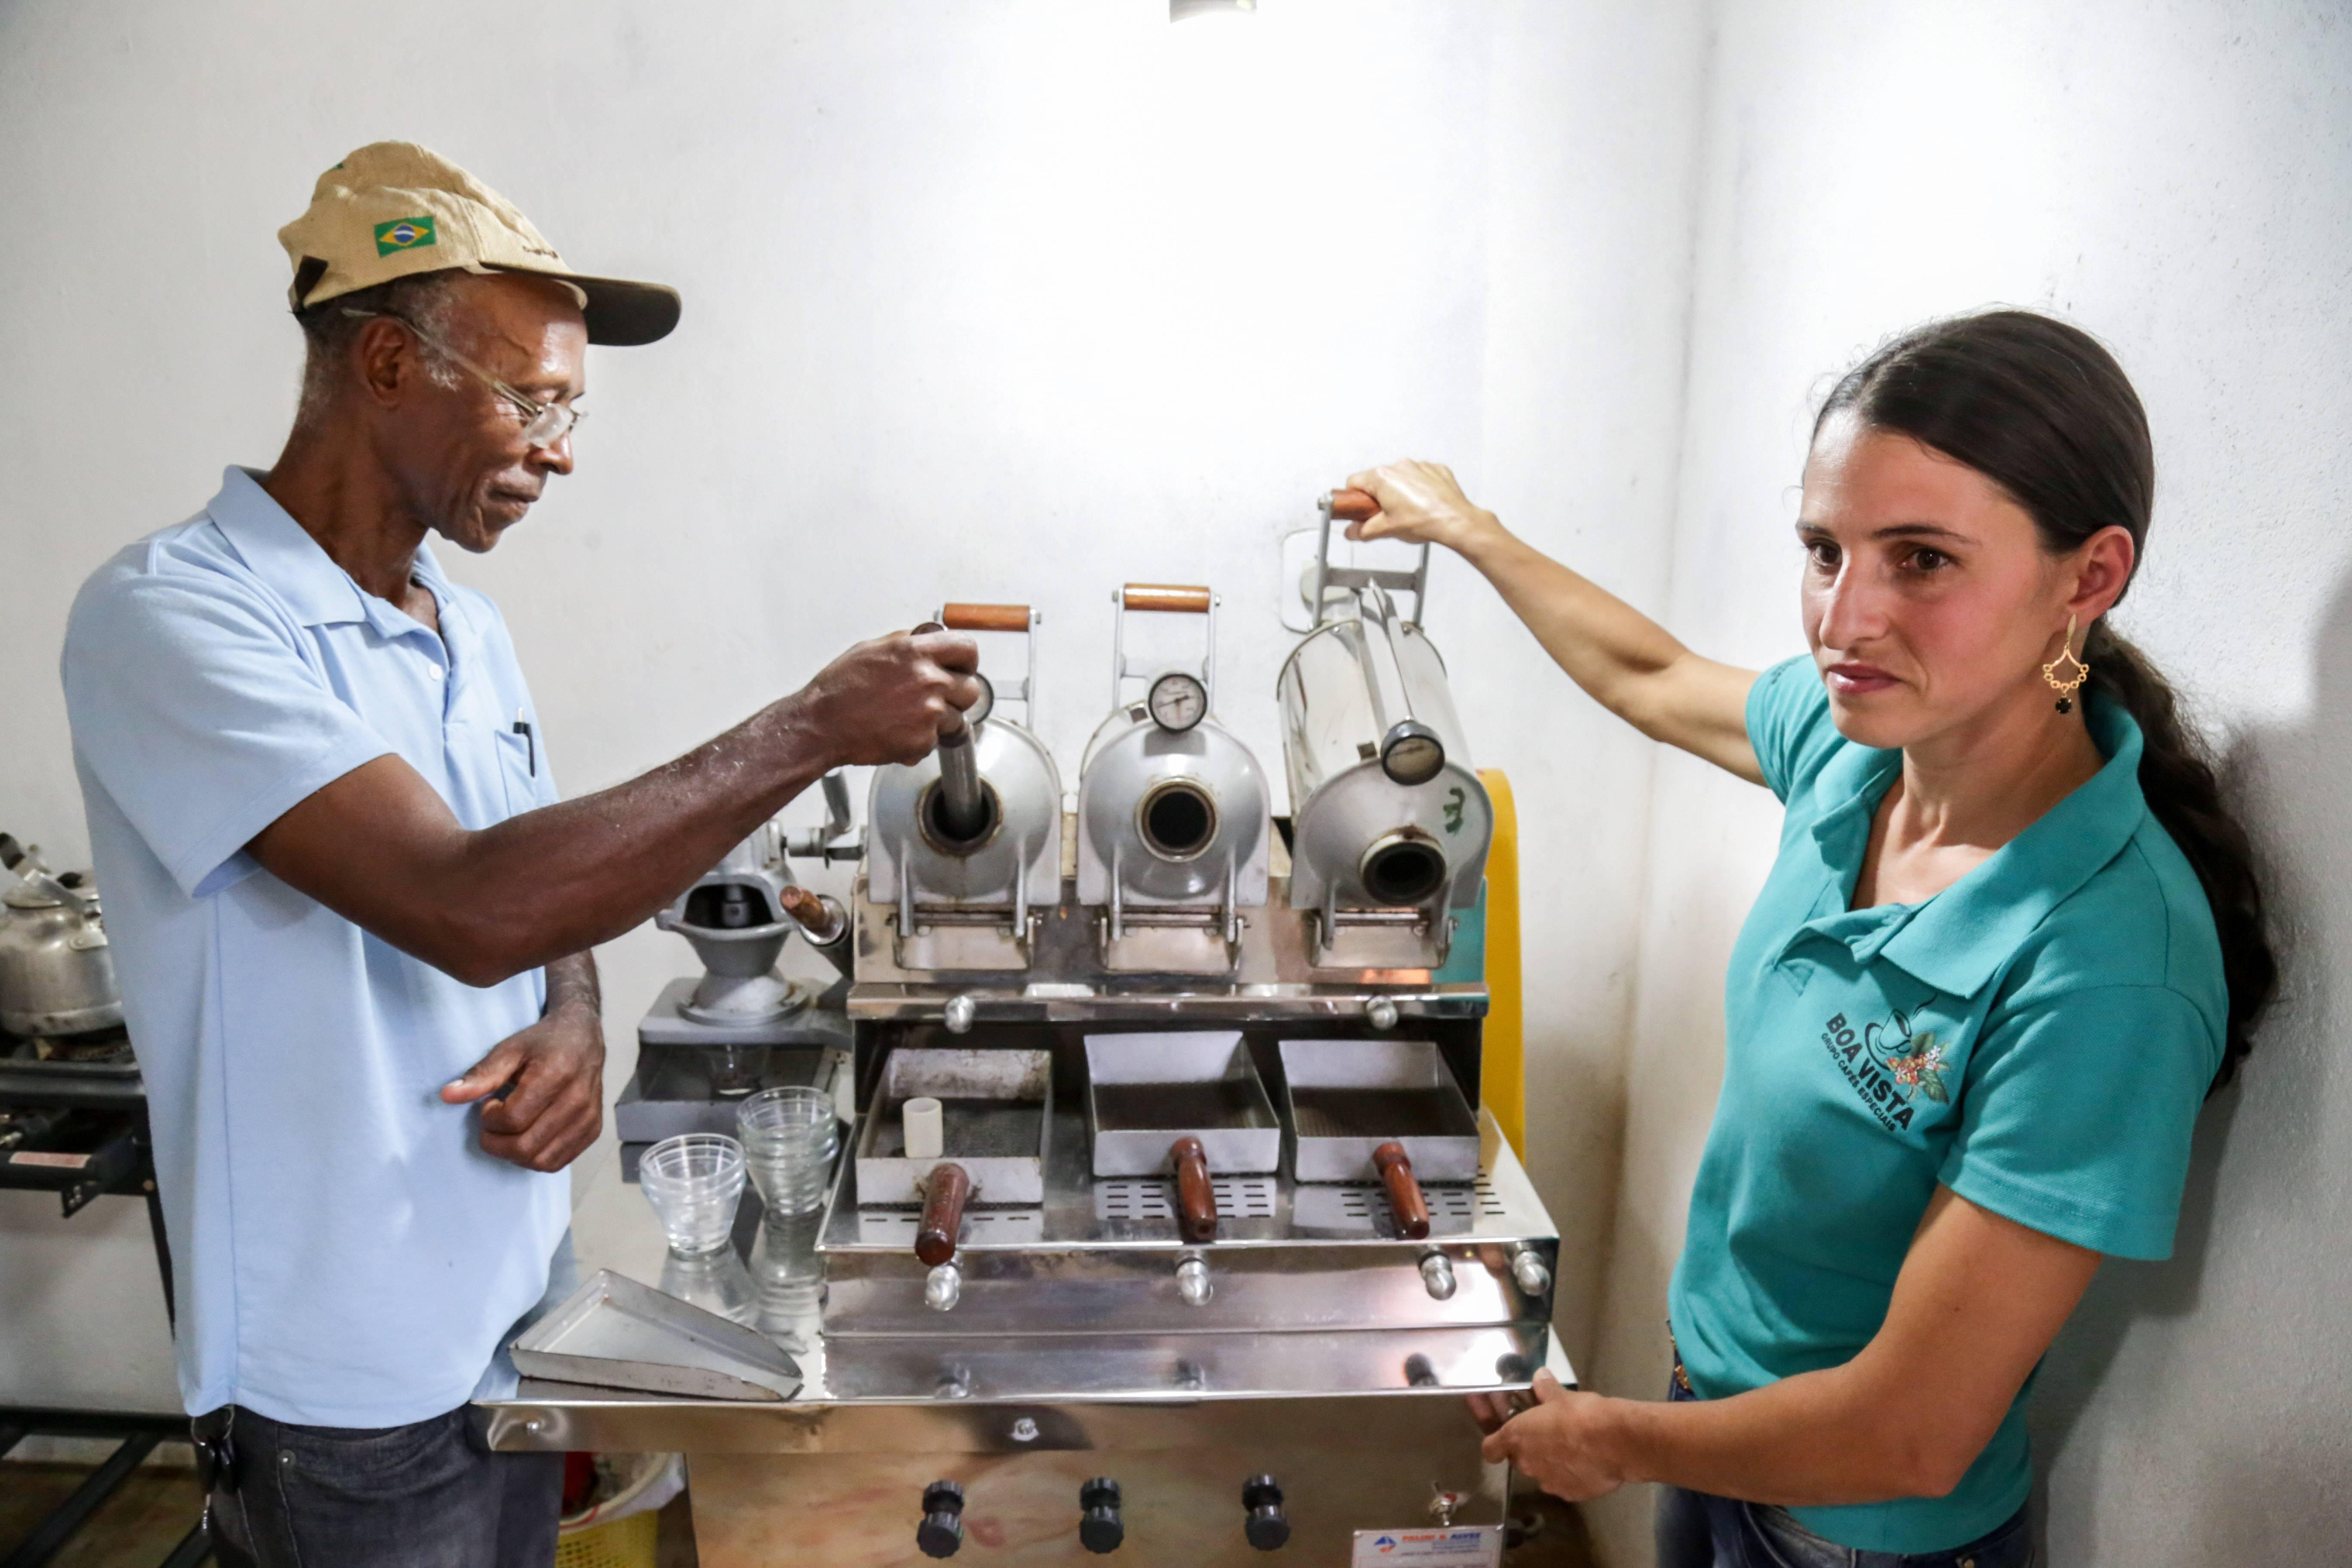 No laboratório de análise física e sensorial de café é possível classificar os produtos de acordo com suas características de qualidade. Foto: Rogério Machado/Gazeta do Povo